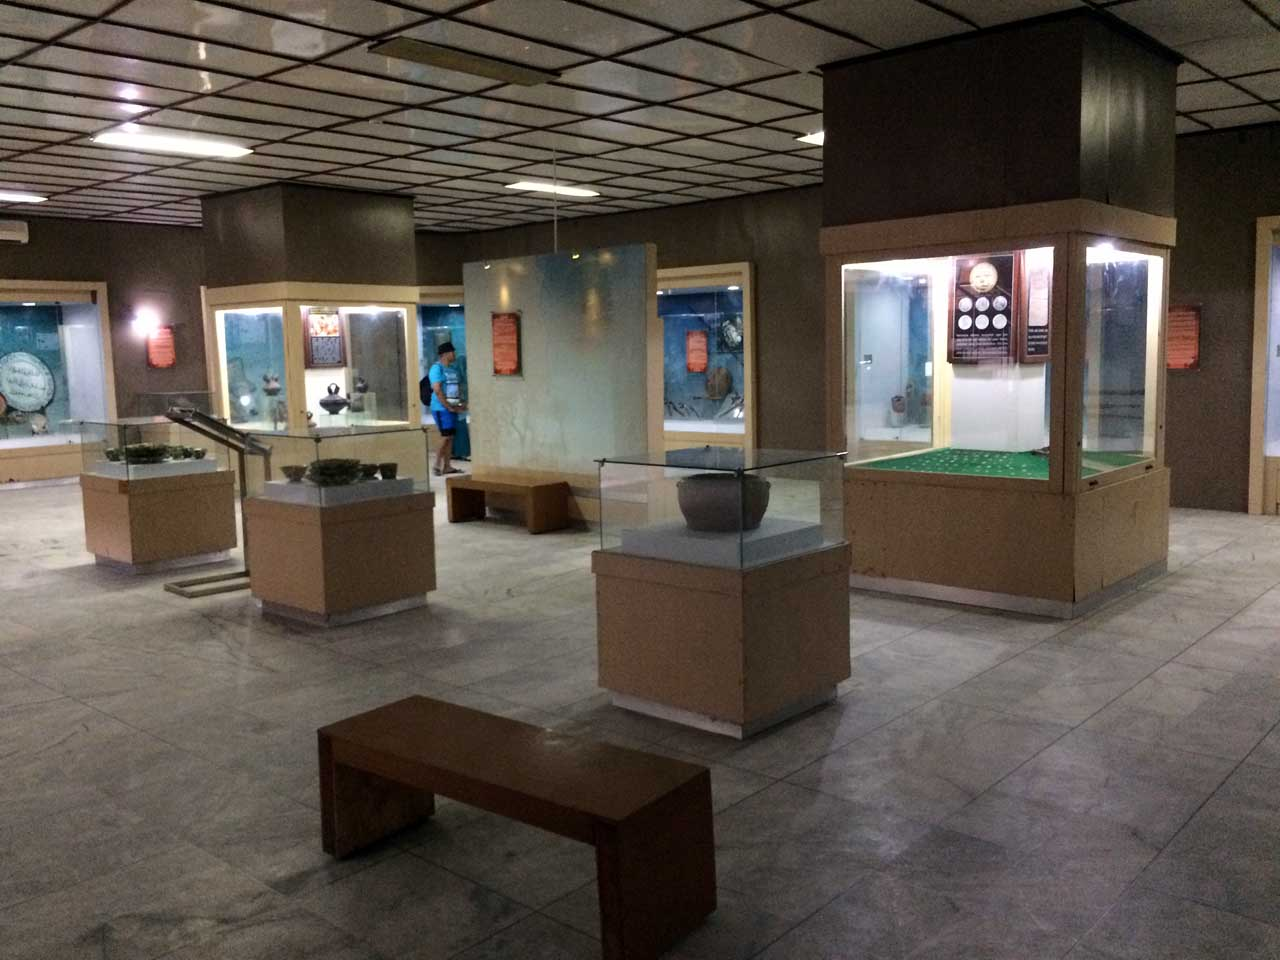 Koleksi Museum Lampung - Yopie Pangkey - 8